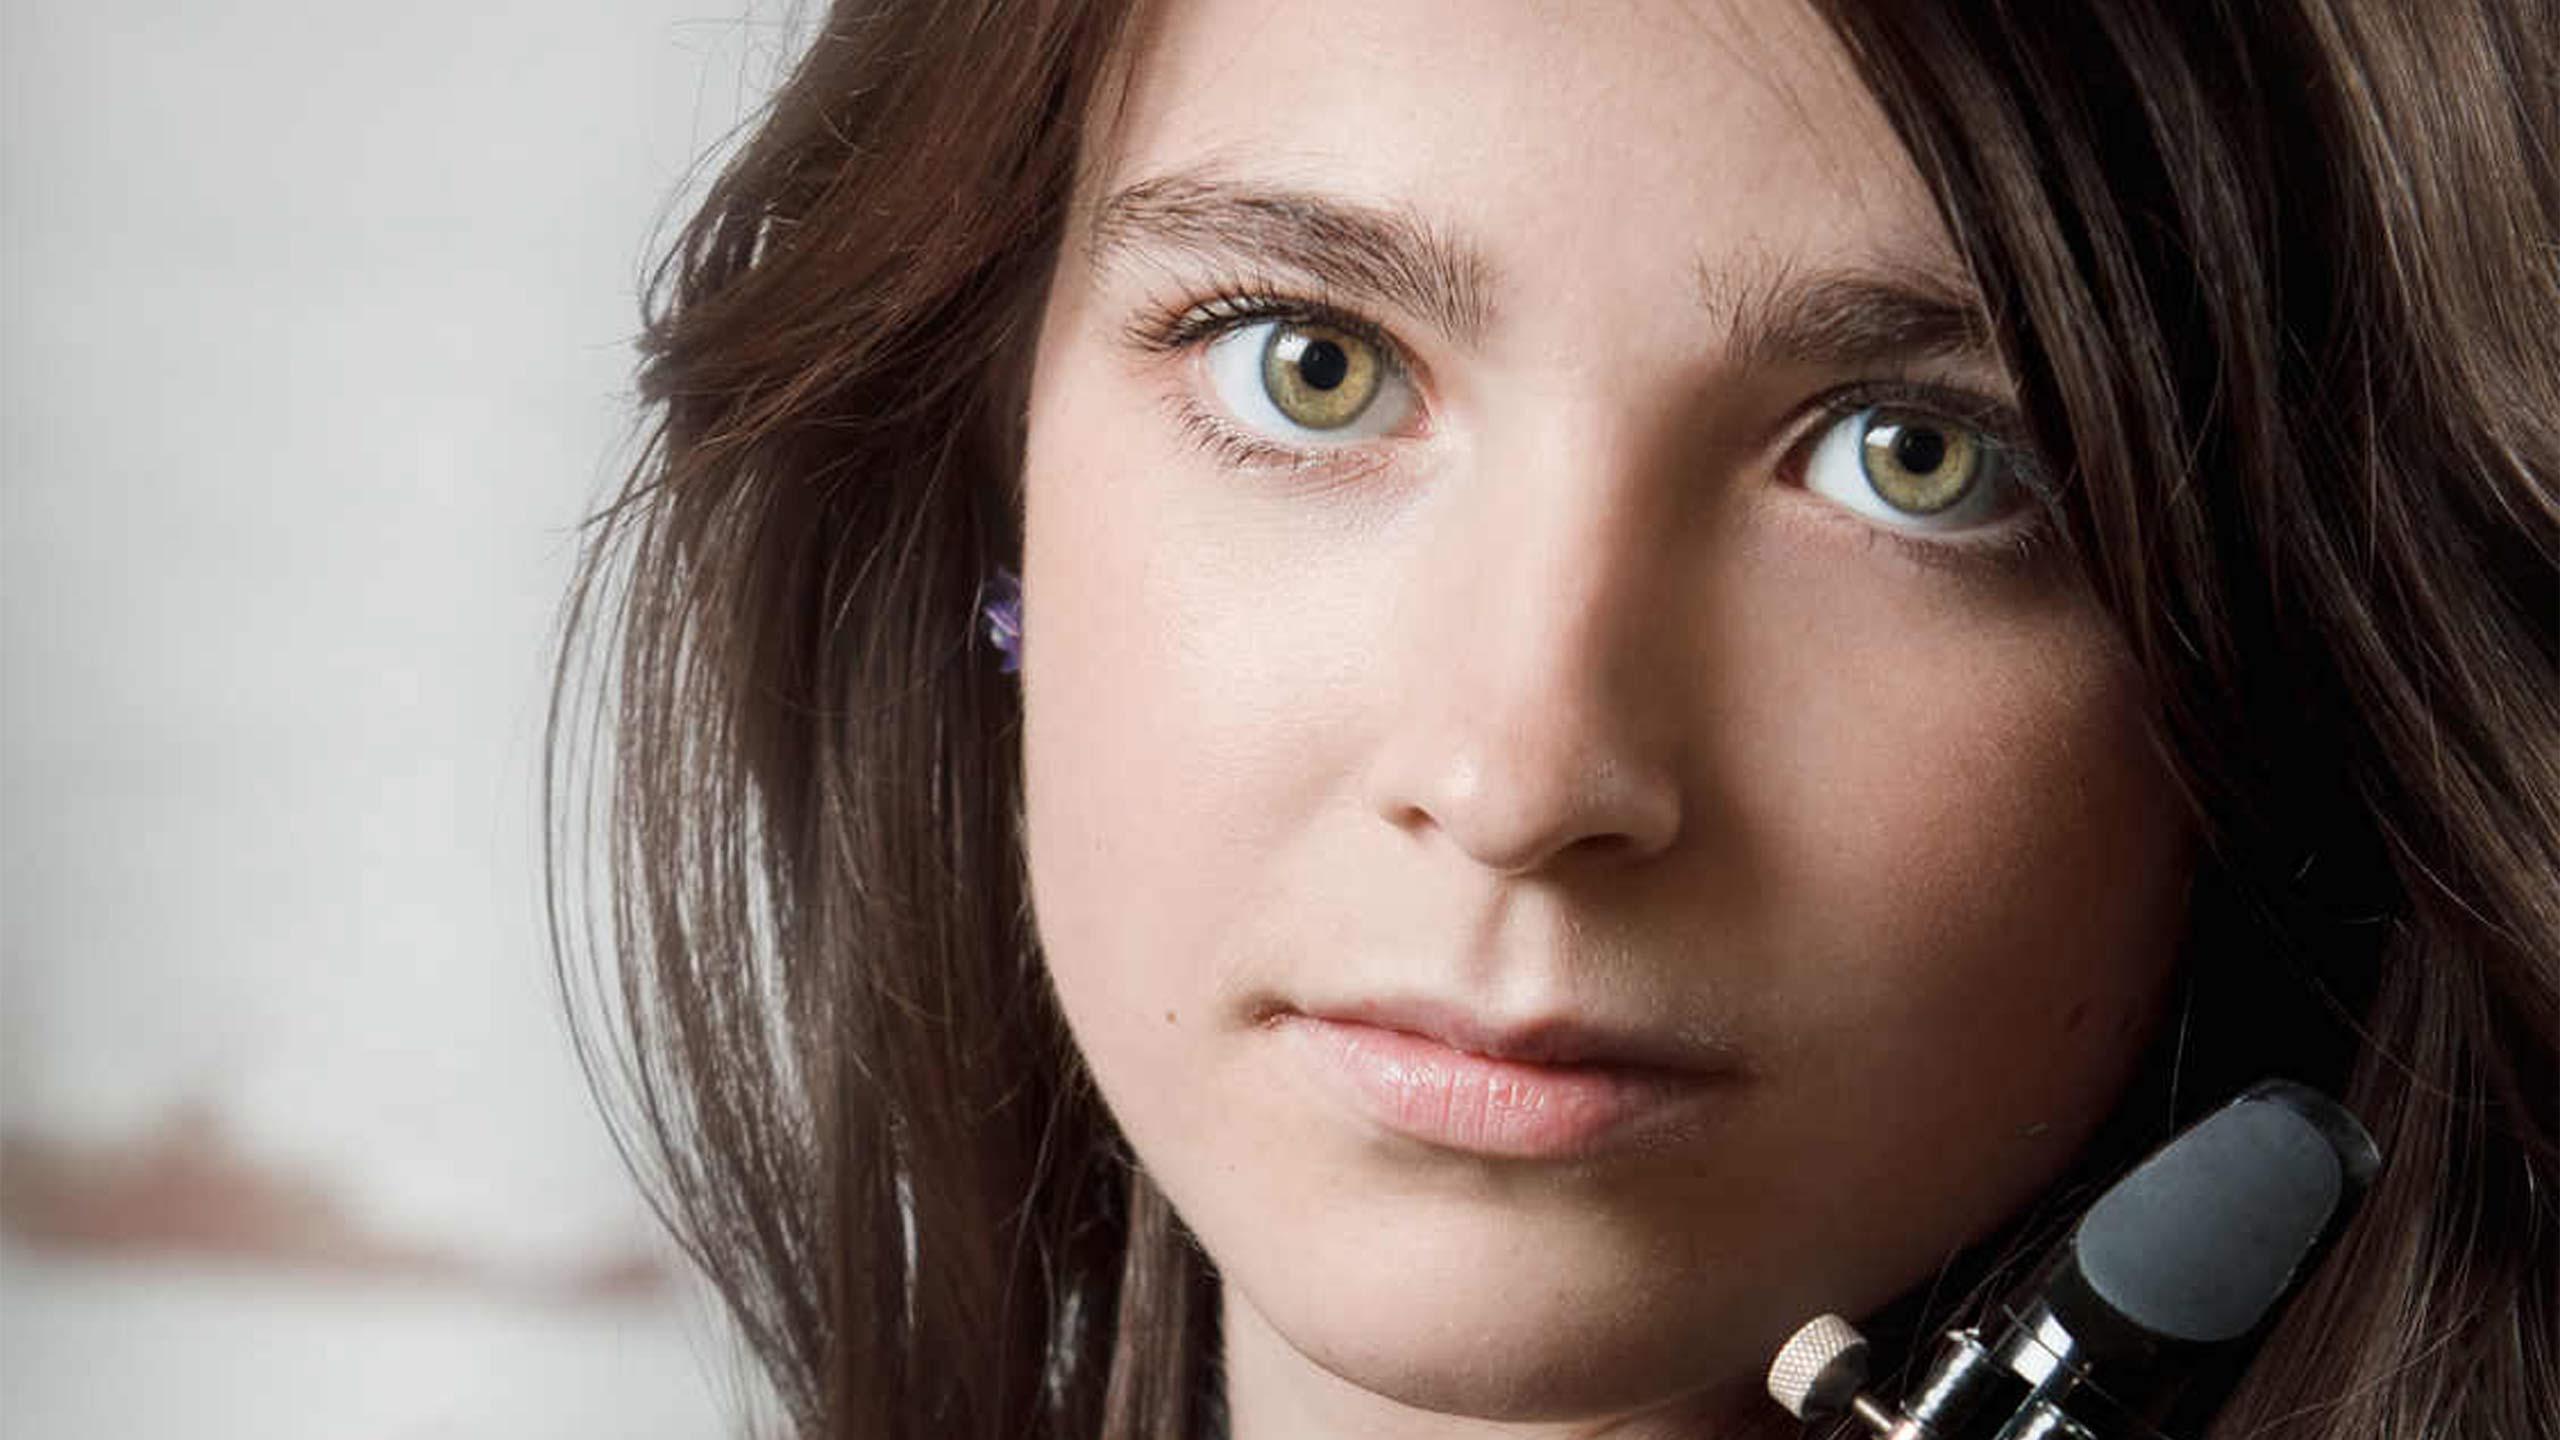 Die belgische Klarinettistin Annelien van Wauwehat bereits zahlreiche internationale Preise gewonnen und unterrichtet auch am Antwerpener Konservatorium. © Annelien van Wauwehat